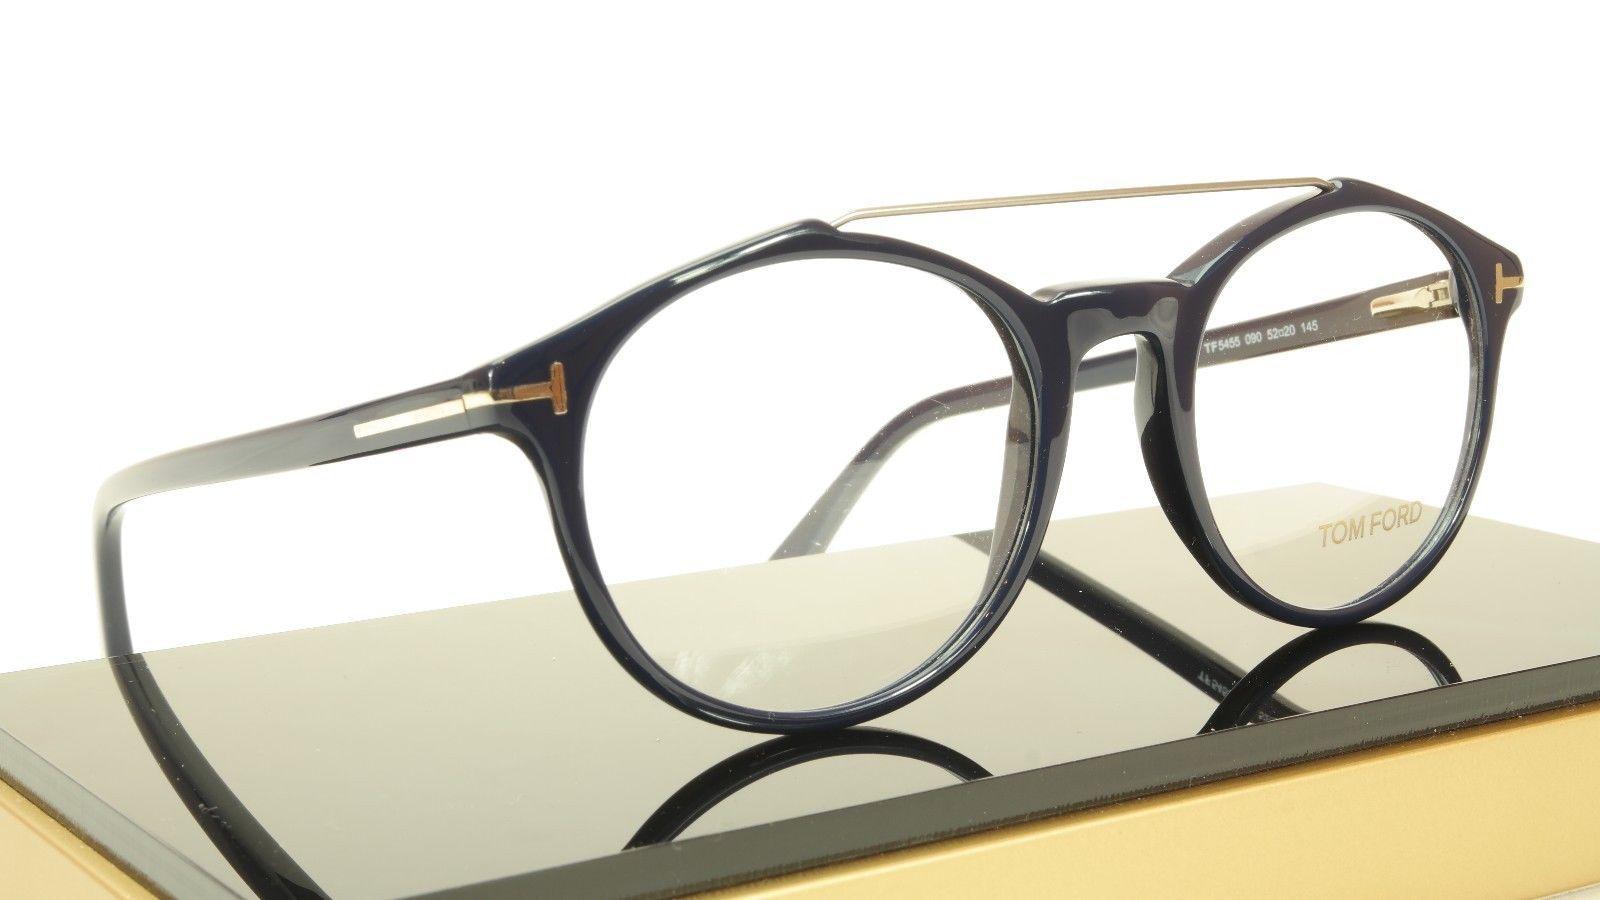 Tom Ford Authentic Eyeglasses Frame TF5455 090 Dark Navy Blue Italy 52-20-145 image 5